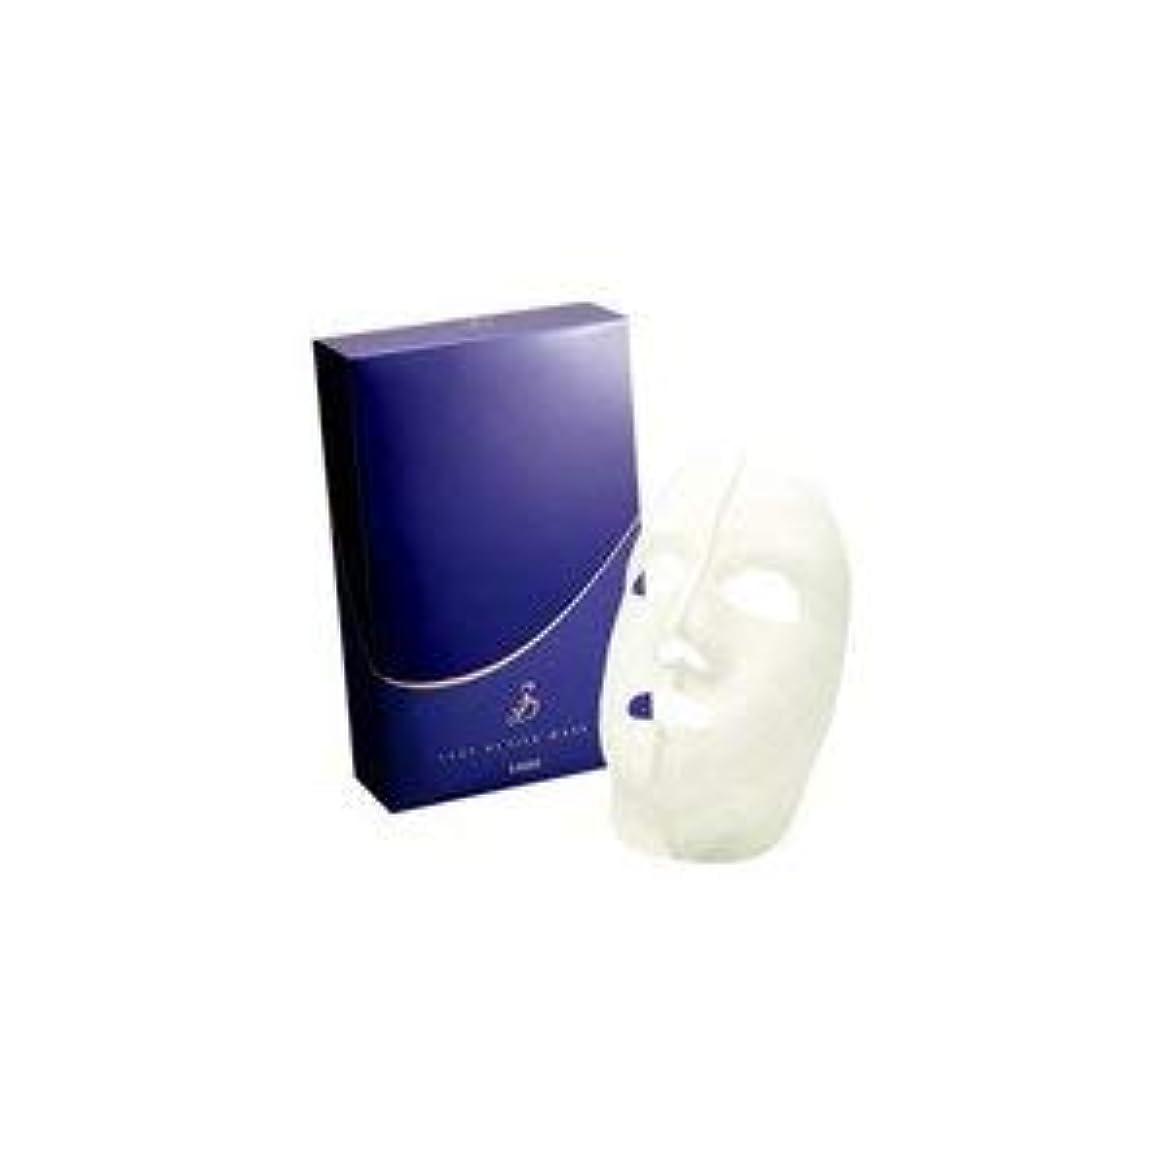 バルコニー本を読む遮るダイアナ ディアナージュ 3D ファストアクティブマスク Ⅱ 30ml×6枚入り Diana